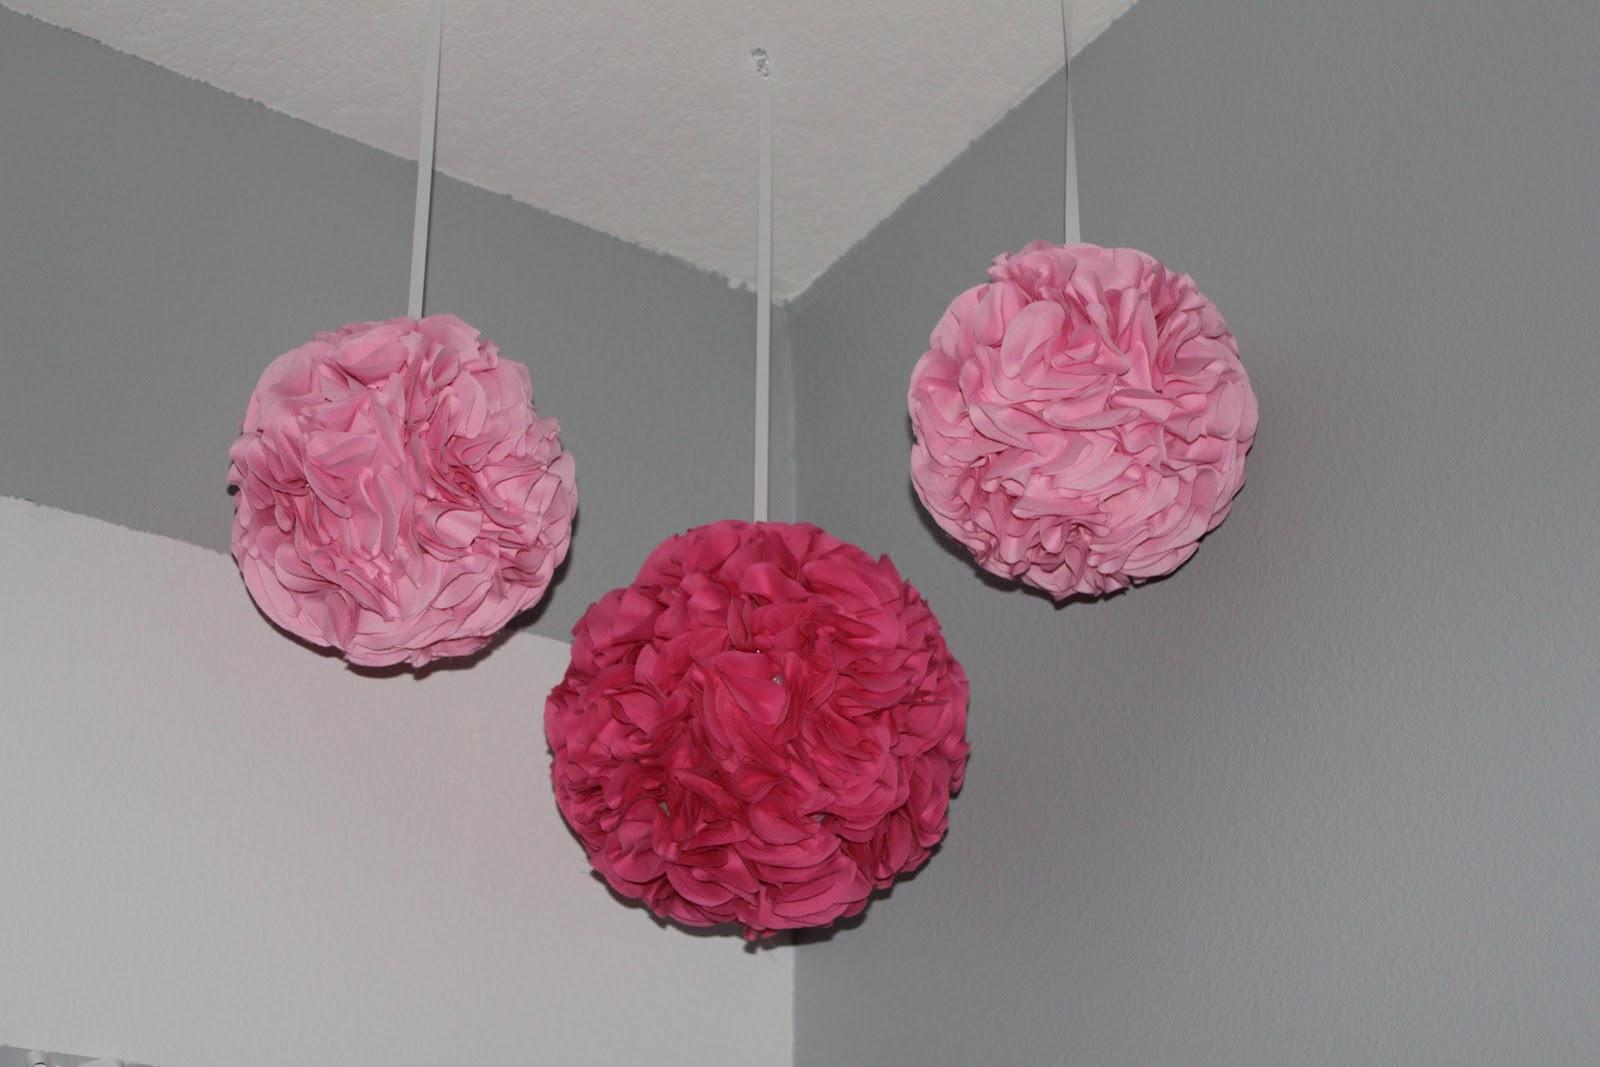 Diy Pom Poms  simply made with love DIY Fabric Pom Poms